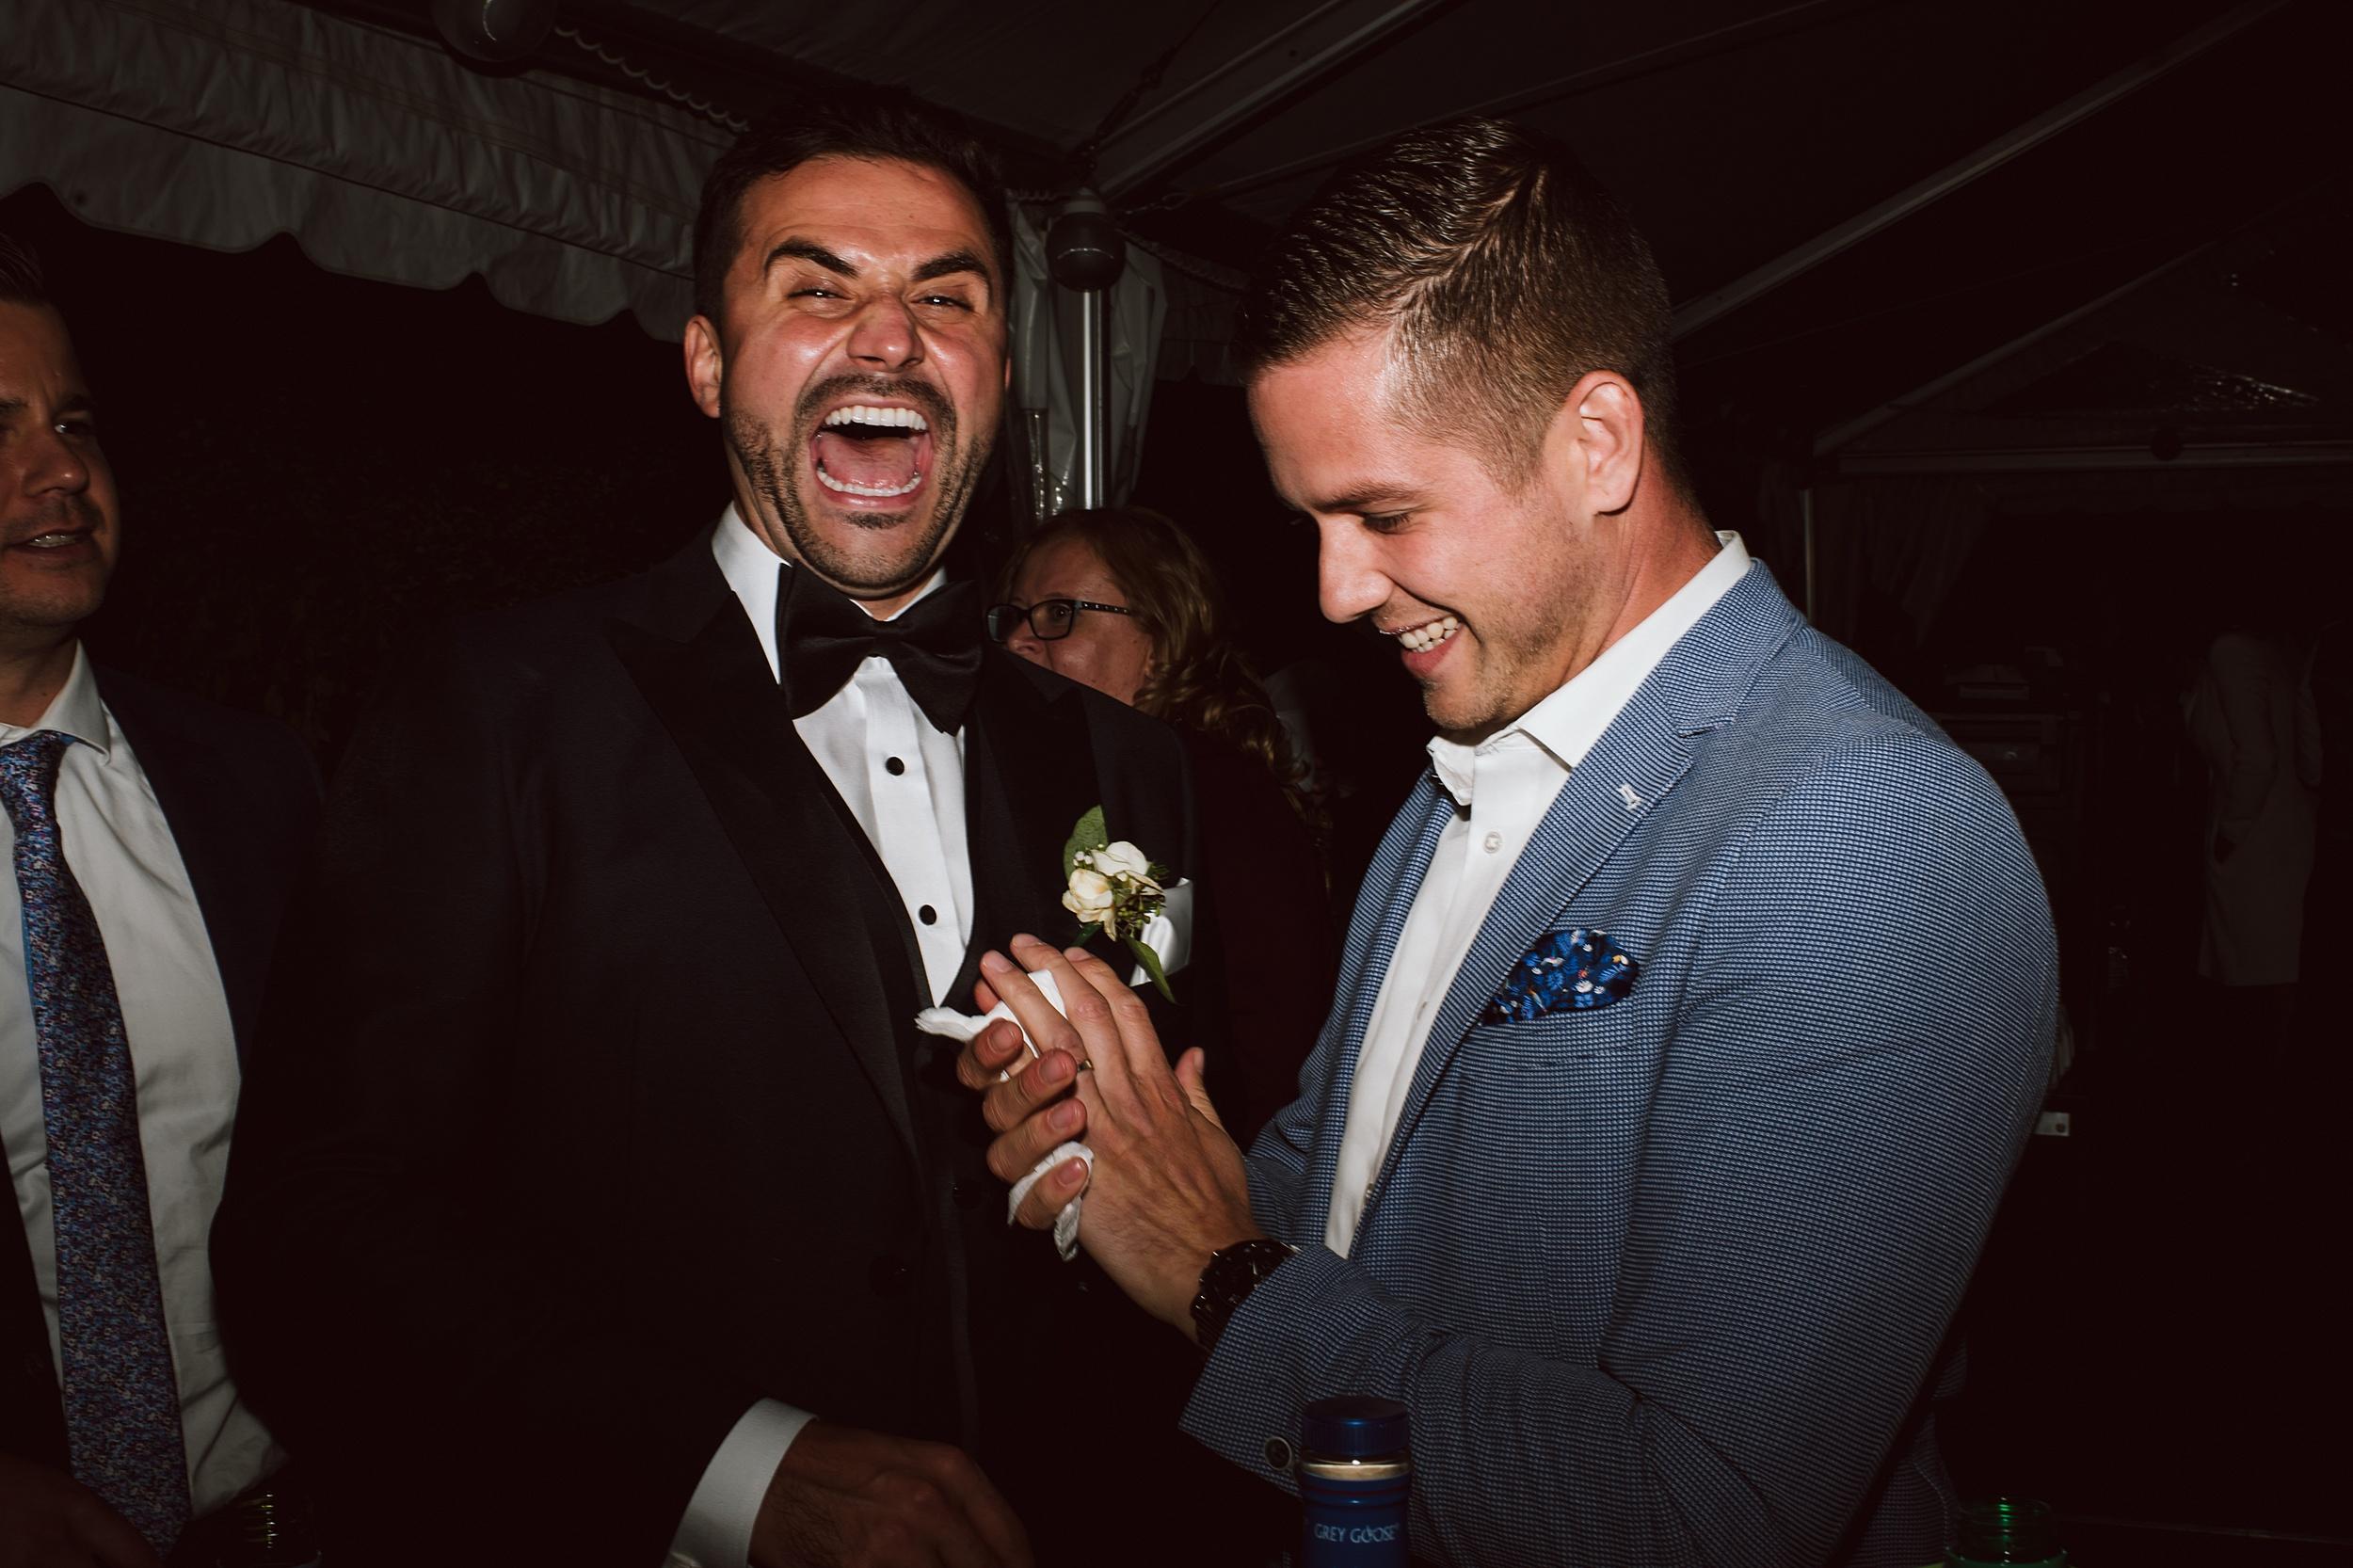 Rustic_Backyard_Wedding_Toronto_Photographer189.jpg